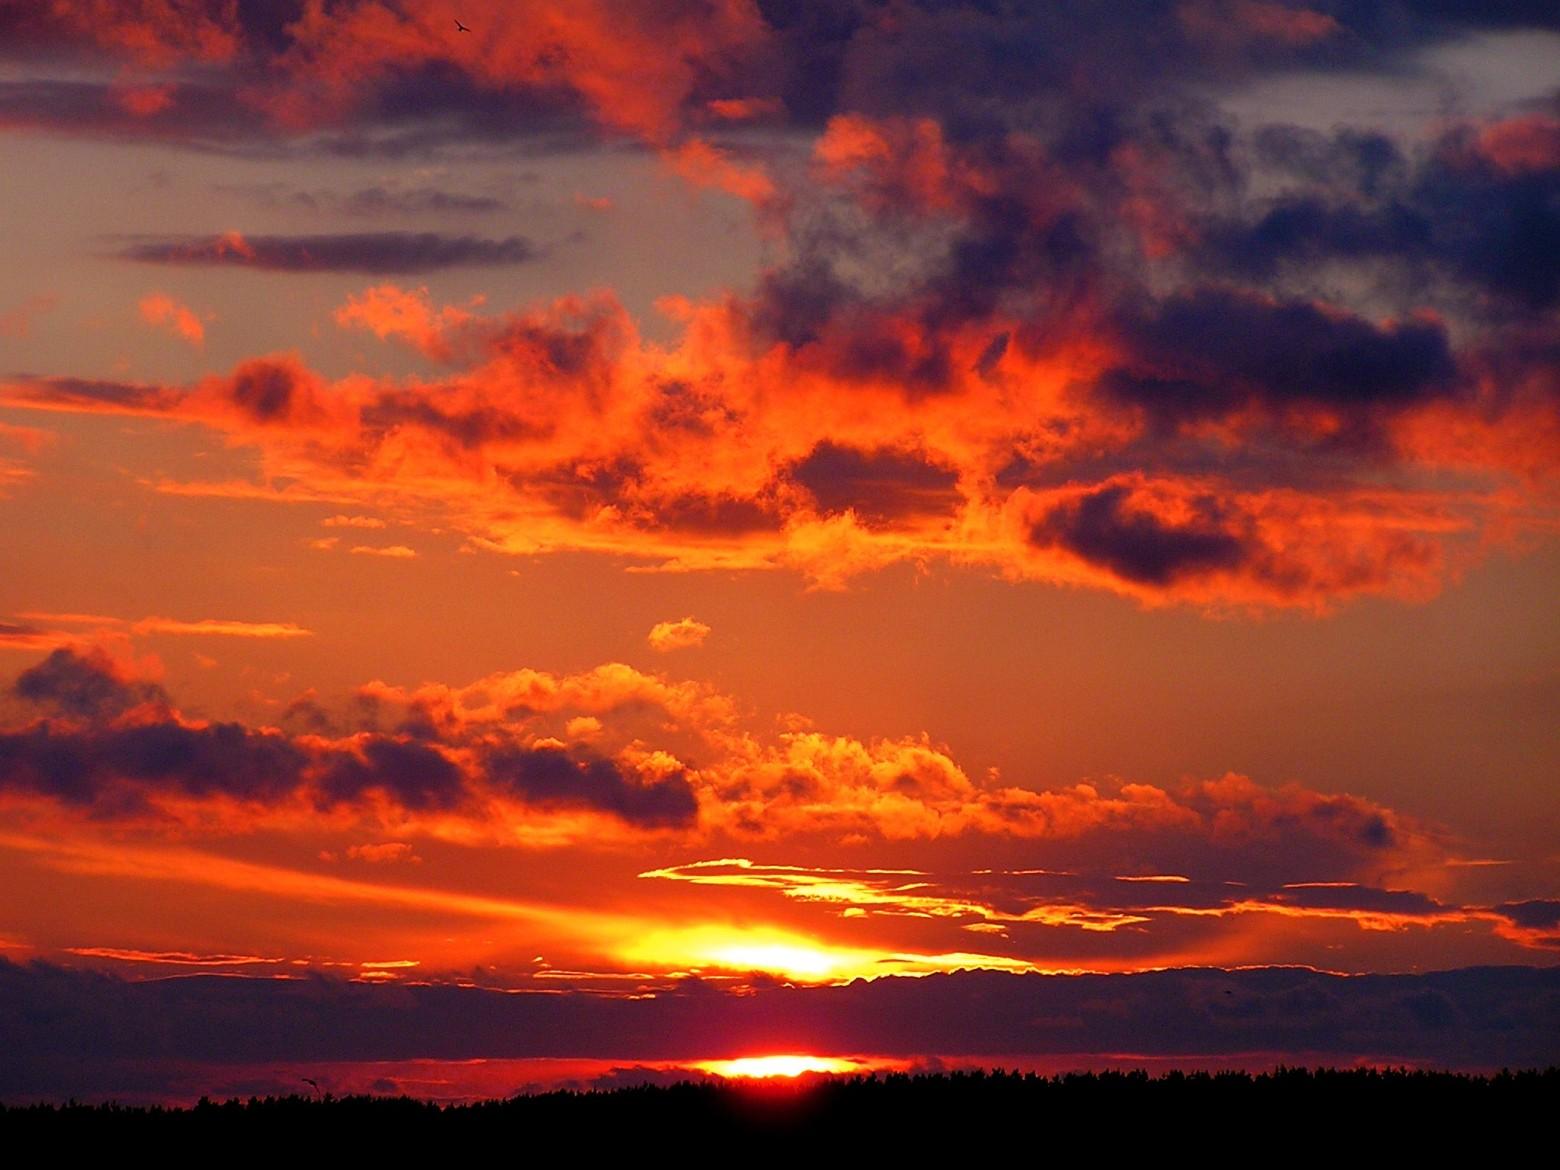 Les Plus Beaux Coucher De Soleil Fond D Ecran Images Gratuites Images Gratuites Et Libres De Droits